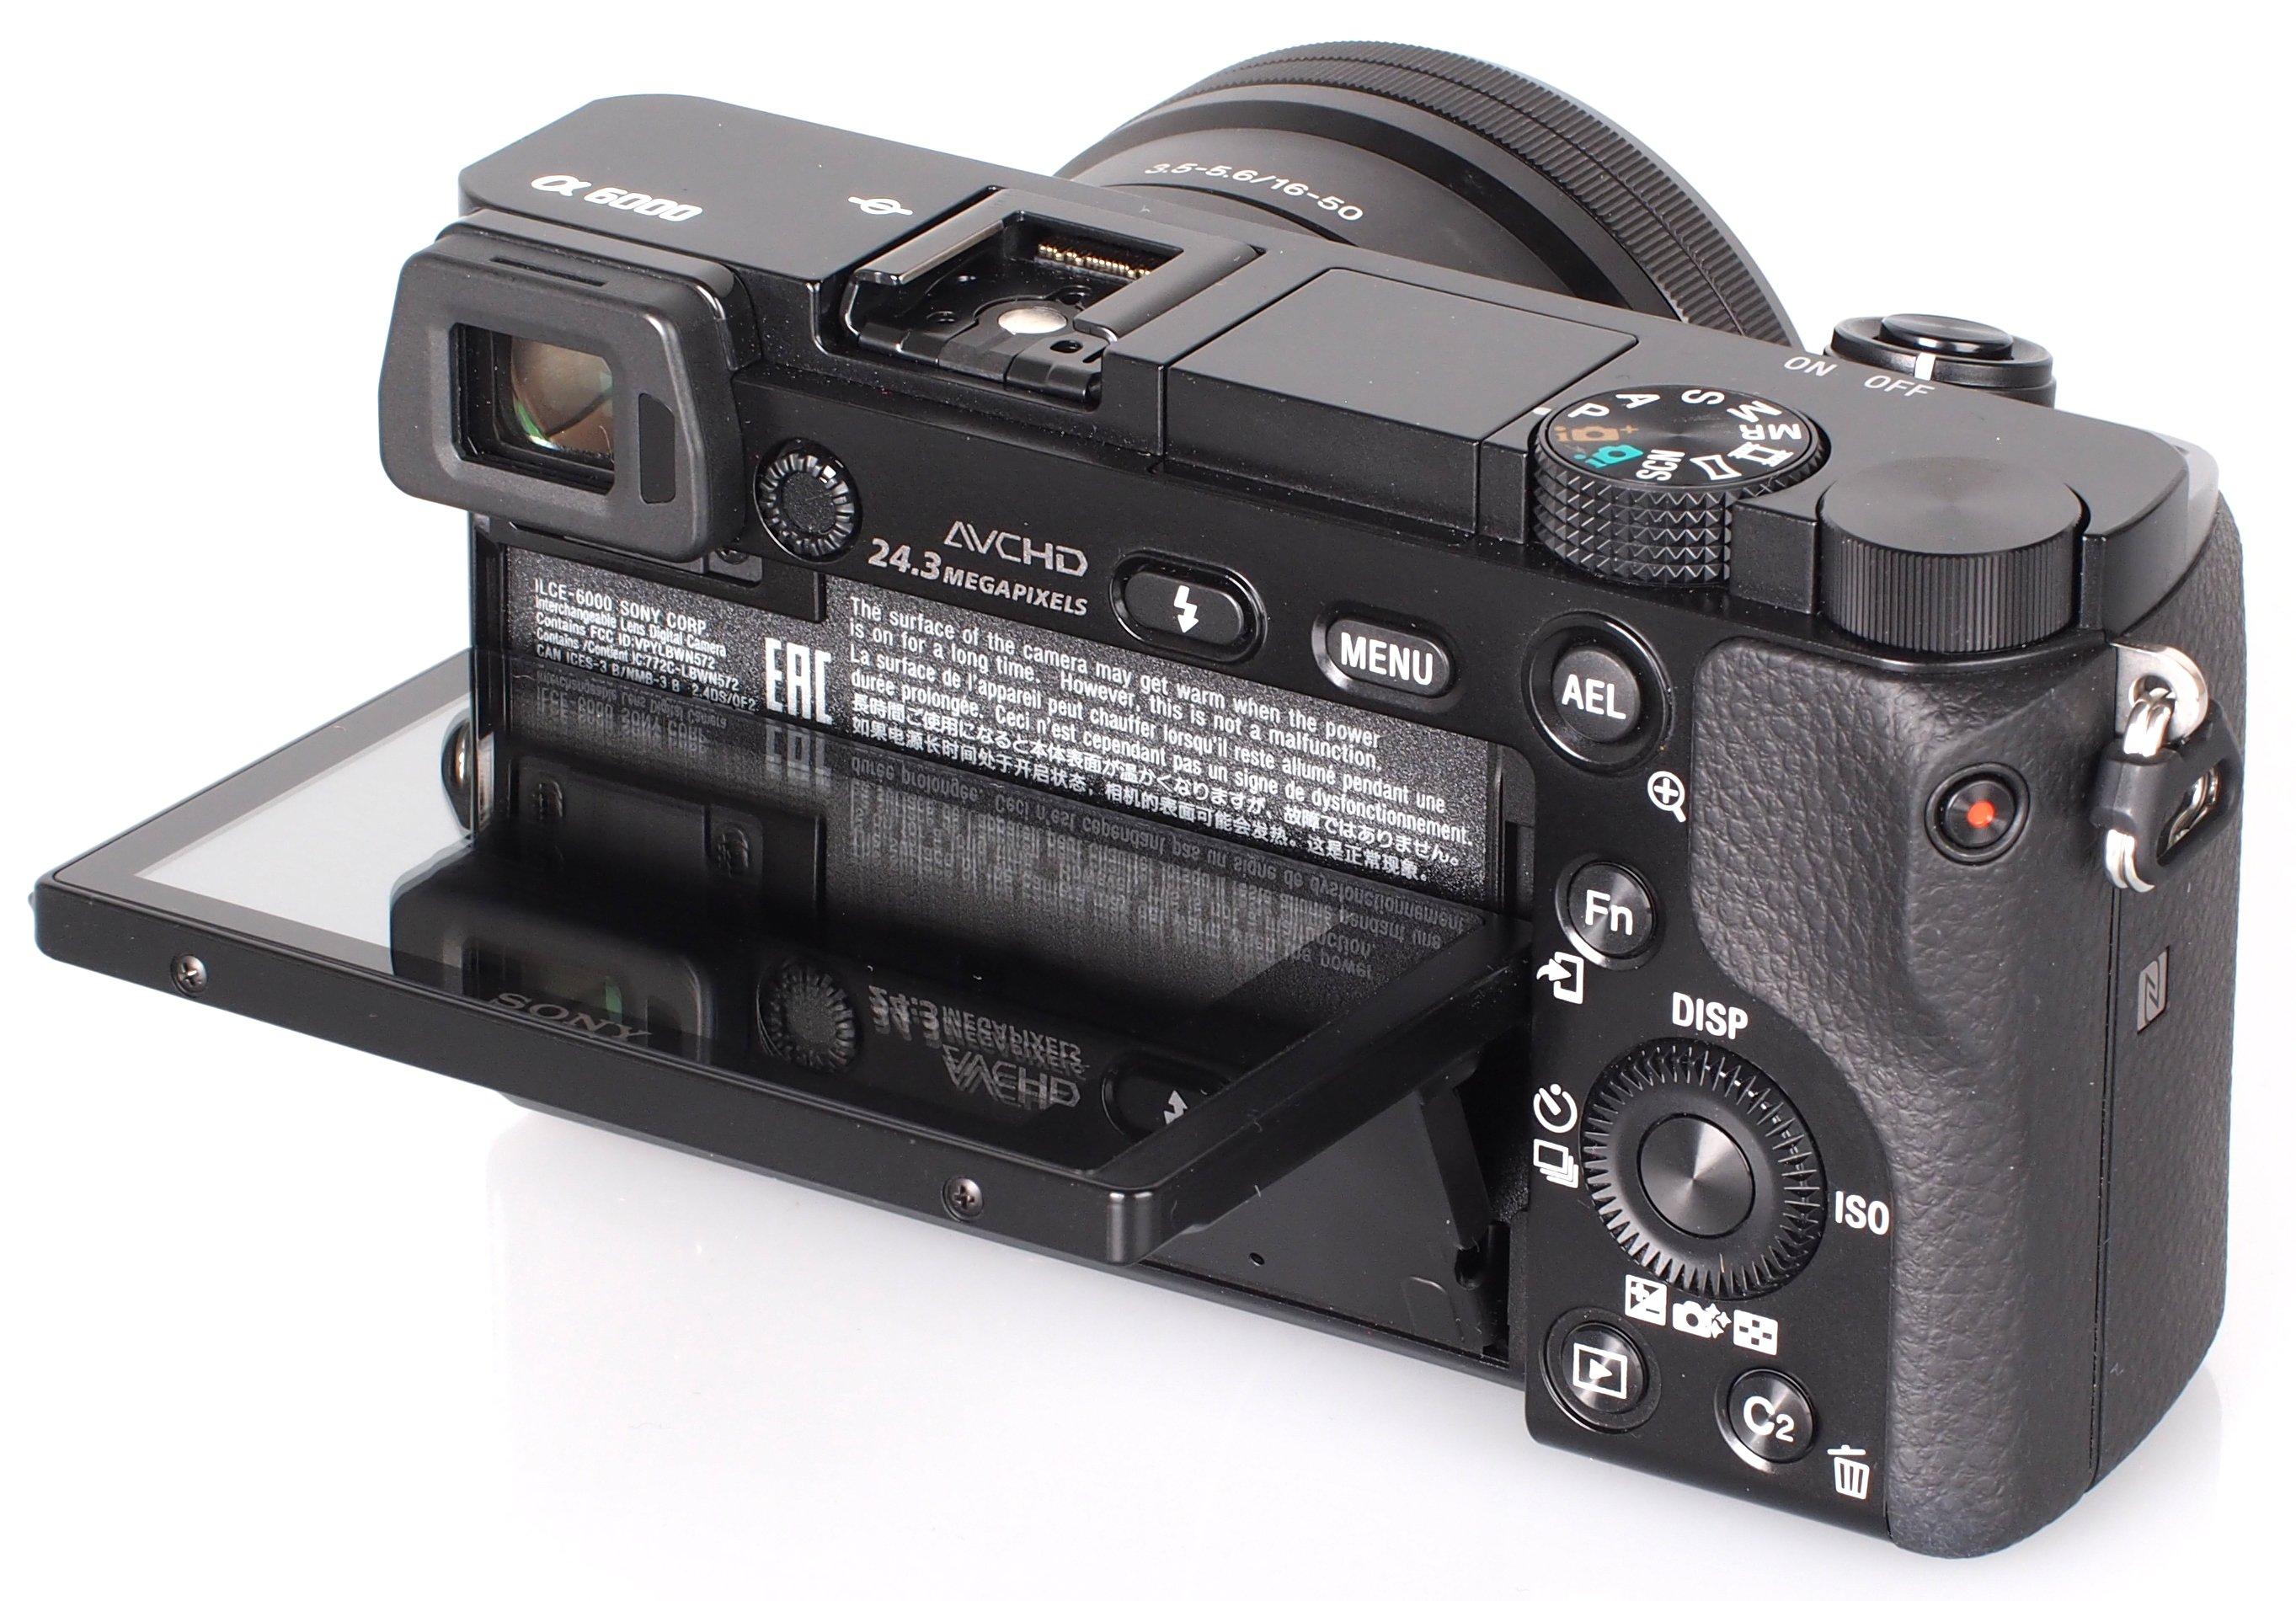 покупает надежде фотоаппарат самый быстрый автофокус что одной